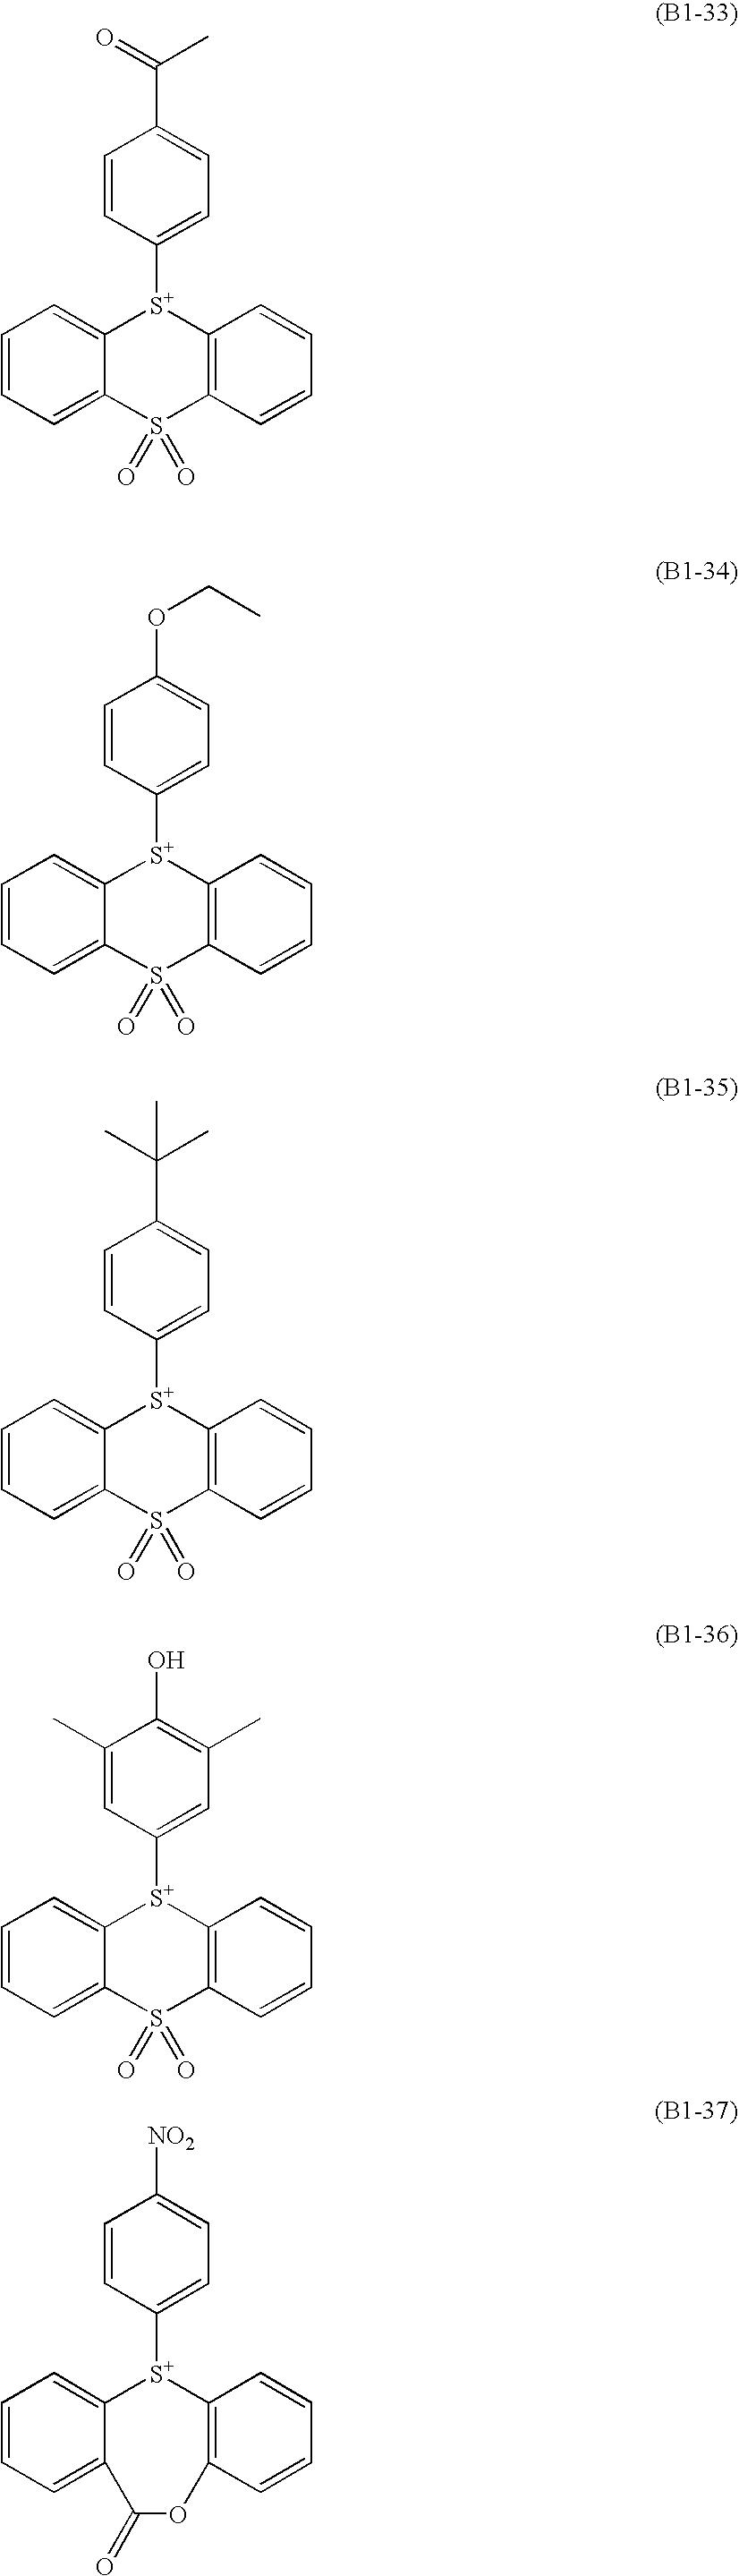 Figure US20100183975A1-20100722-C00016